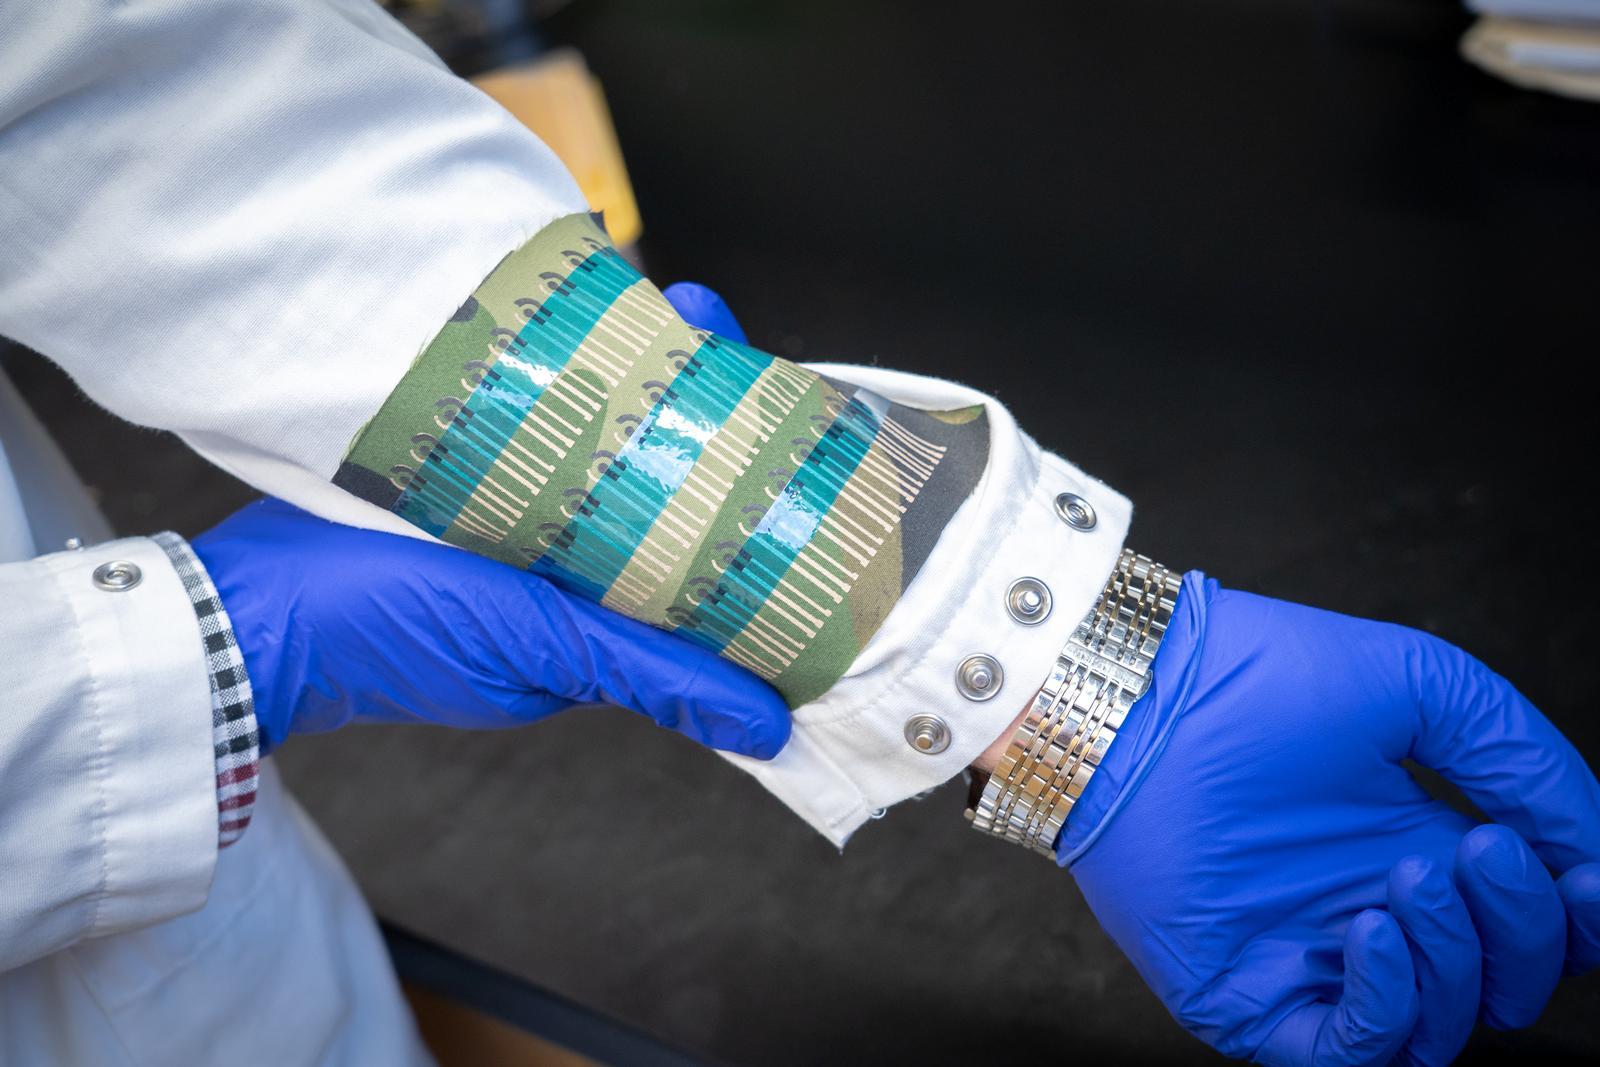 screen printed sensors